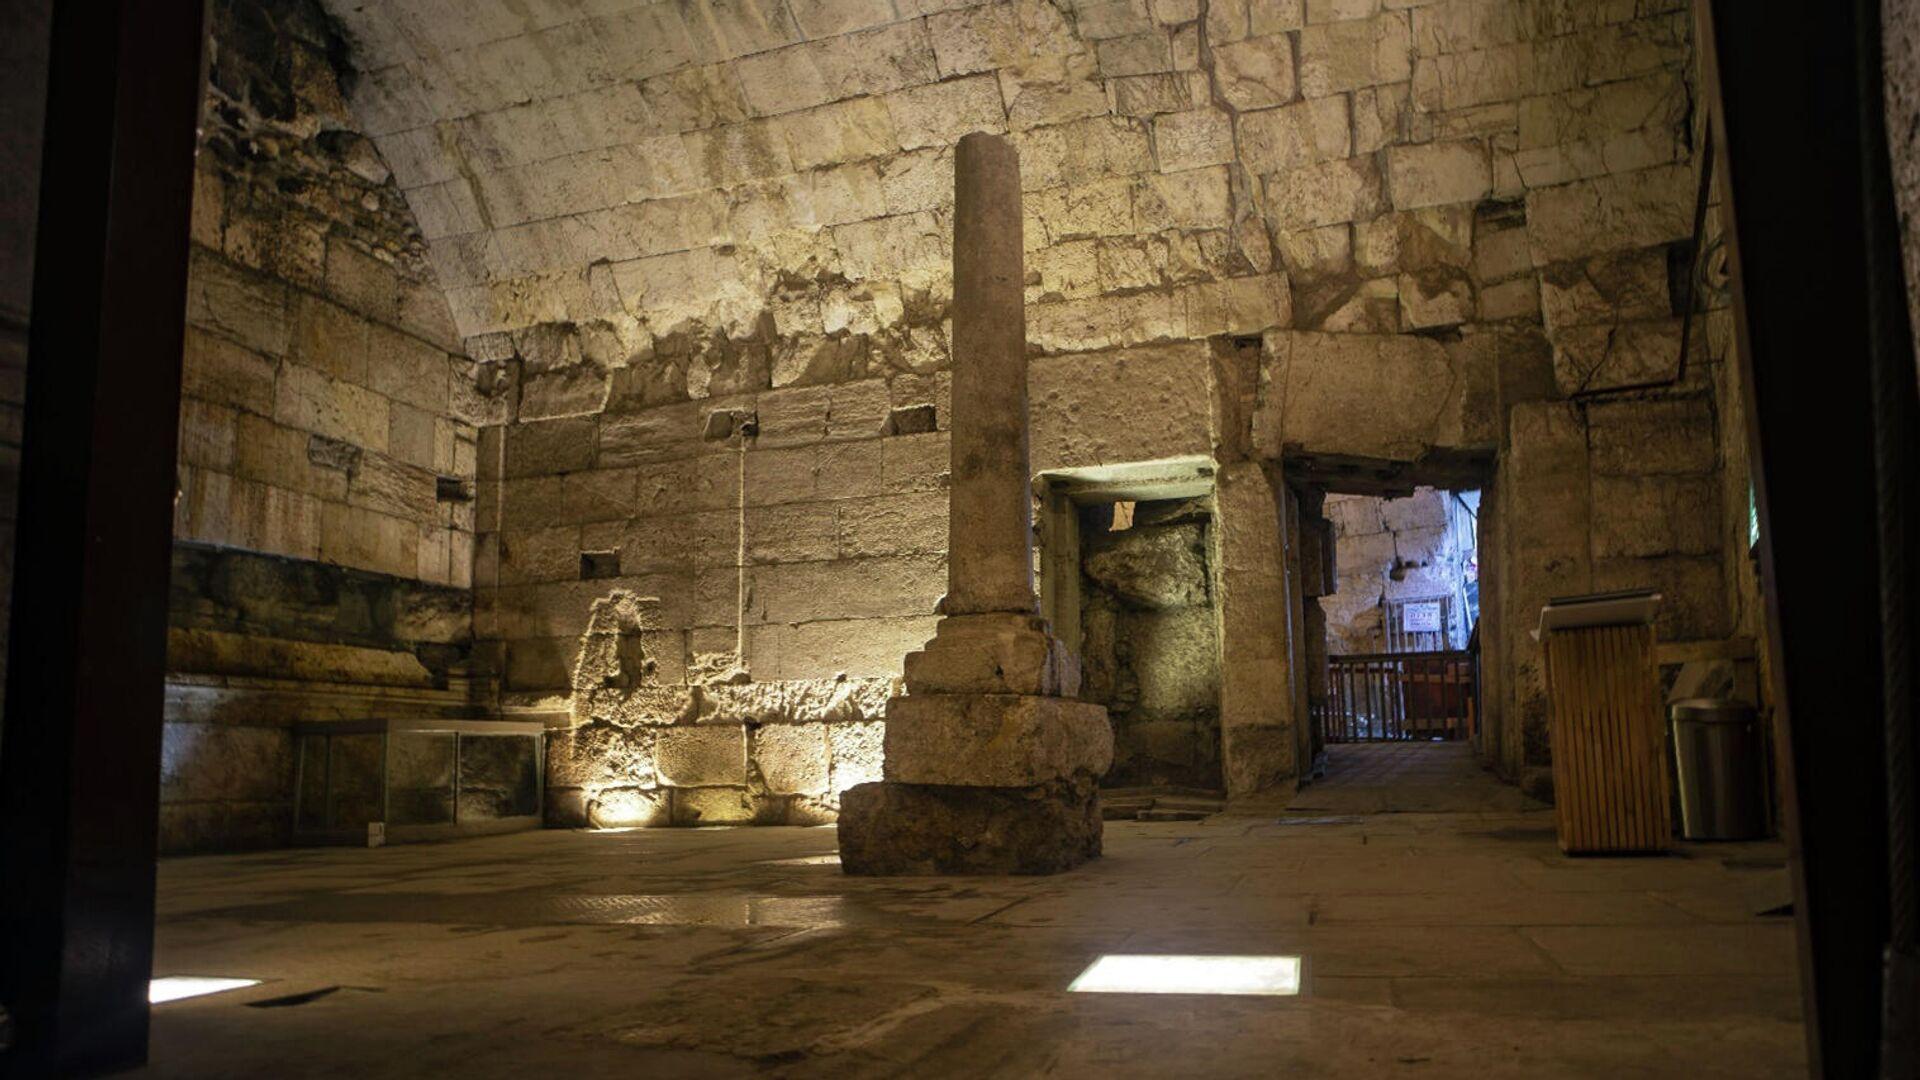 2000-летнее здание, найденное в результате археологических раскопок в Иерусалиме - РИА Новости, 1920, 28.07.2021